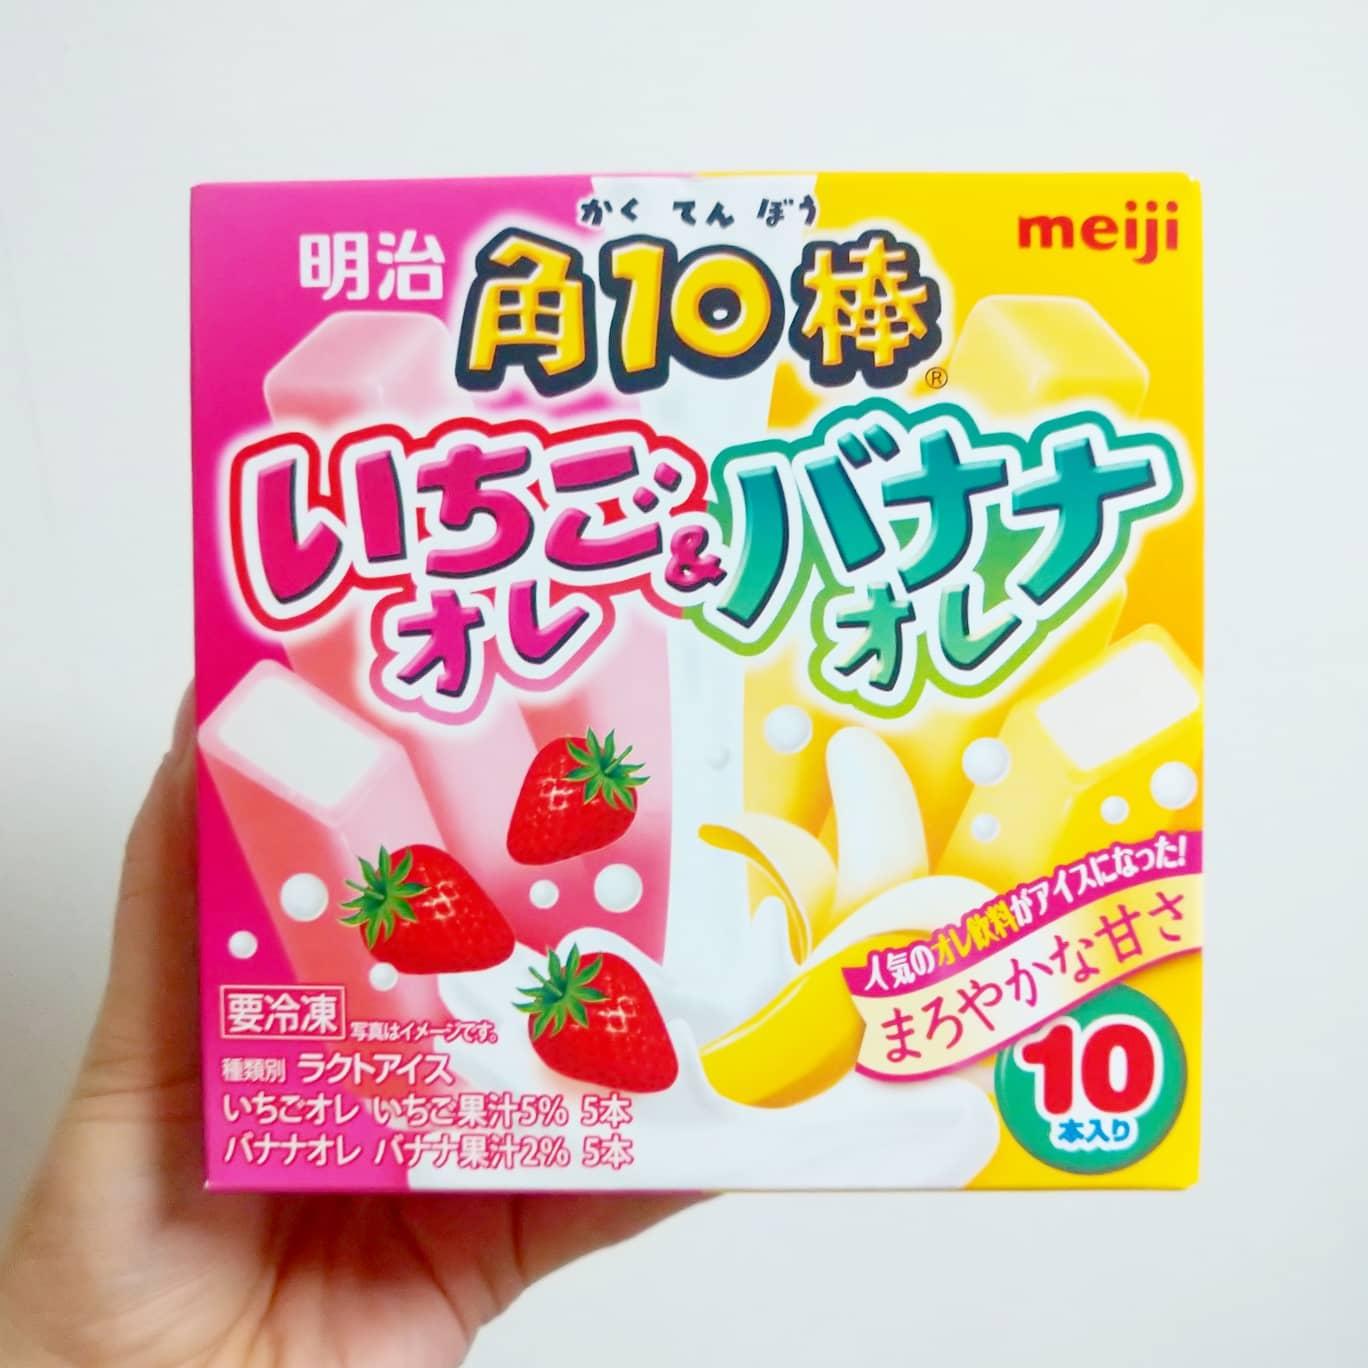 #いちごミルクラブ#明治 #角10棒いちごオレアンドバナナオレ 謎イチゴ系--☆--本物イチゴ系甘さ強め系---☆-控え目系こってり系---☆-さっぱり系超ミルク系--☆--生クリーム系おもいで度--☆-- #侍猫度謎苺牛乳味は控えめなさっぱり系のやつ。1本が小さめサイズだからうっかりモリモリいっちゃって半分くらいなくなるよね!やっちまった明治の苺牛乳みつけたけど液体のいつものやつ見つからないんだよねぇ…探してるアイス他にもあるんだけどそれも見つからにゃい!入荷のたび秒で売り切れてるのかなぁ?#いちごオレ #いちごオレ味 #いちごミルク #いちごミルクみたい #いちご牛乳 #いちご牛乳味 #イチゴ牛乳 #いちご牛乳クラブ #苺牛乳 #苺牛乳が好き #苺ミルク #苺スイーツ #苺 #苺好きに生まれたからには #メソギア派 #糖分 #いちごミルク味 #スイーツ #スイーツ好き #スイーツスタグラム #スイーツタイム #スイーツ写真 #strawberry #strawberrymilk